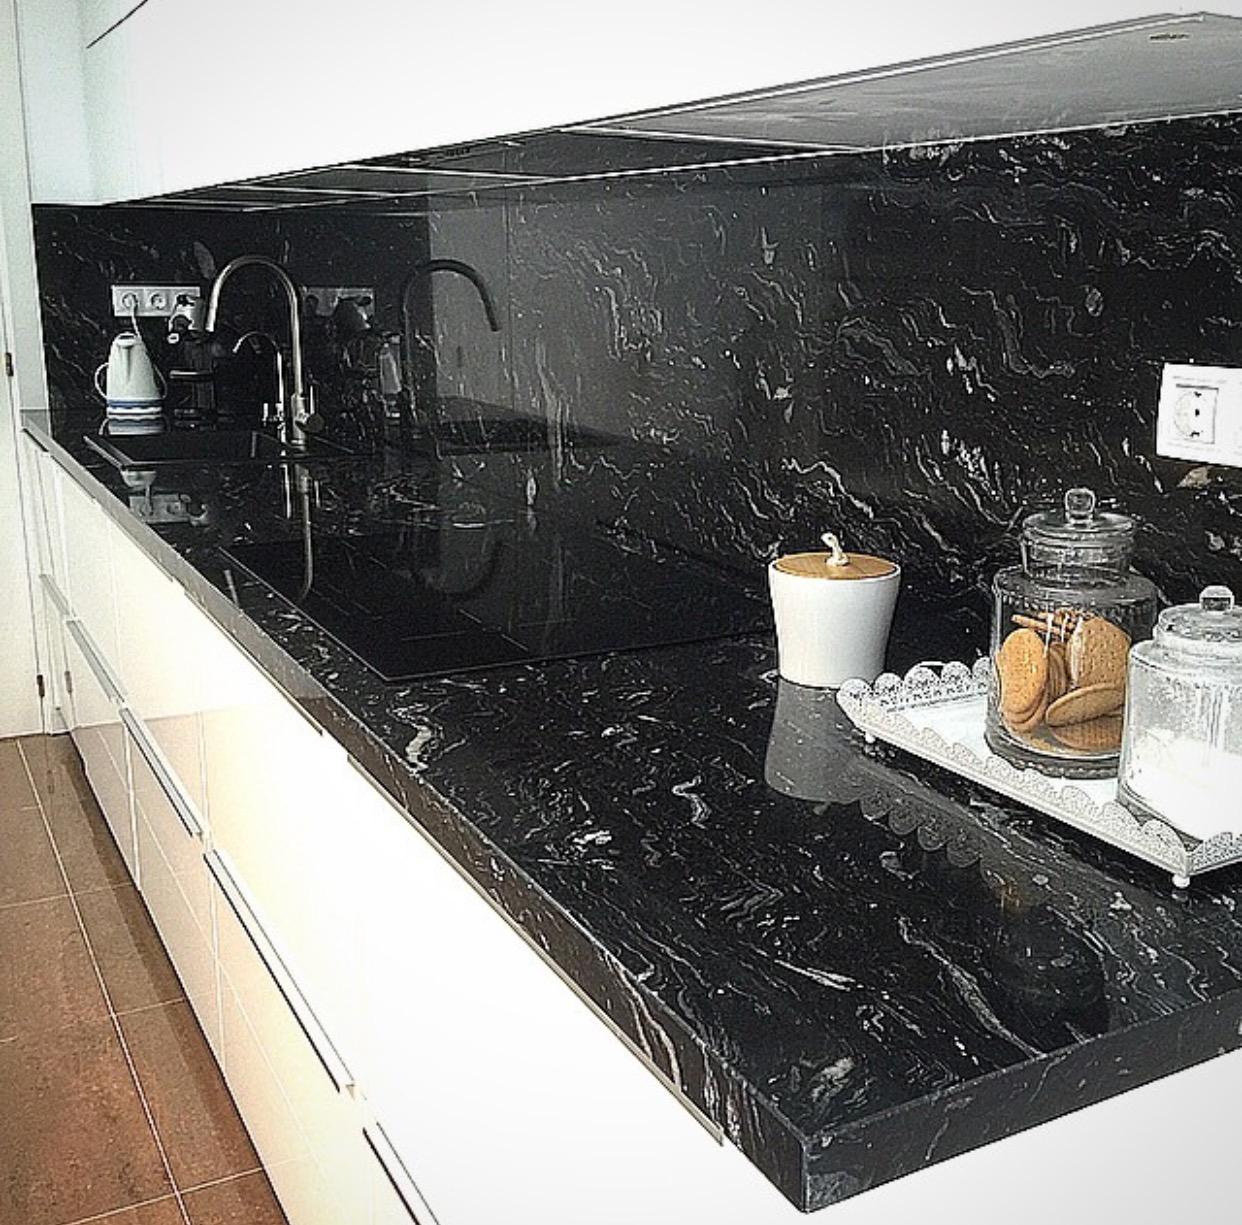 encimeras de marmol precios precio marmol cocina prevnext with precio marmol cocina elegant precio topes de granito mrmol